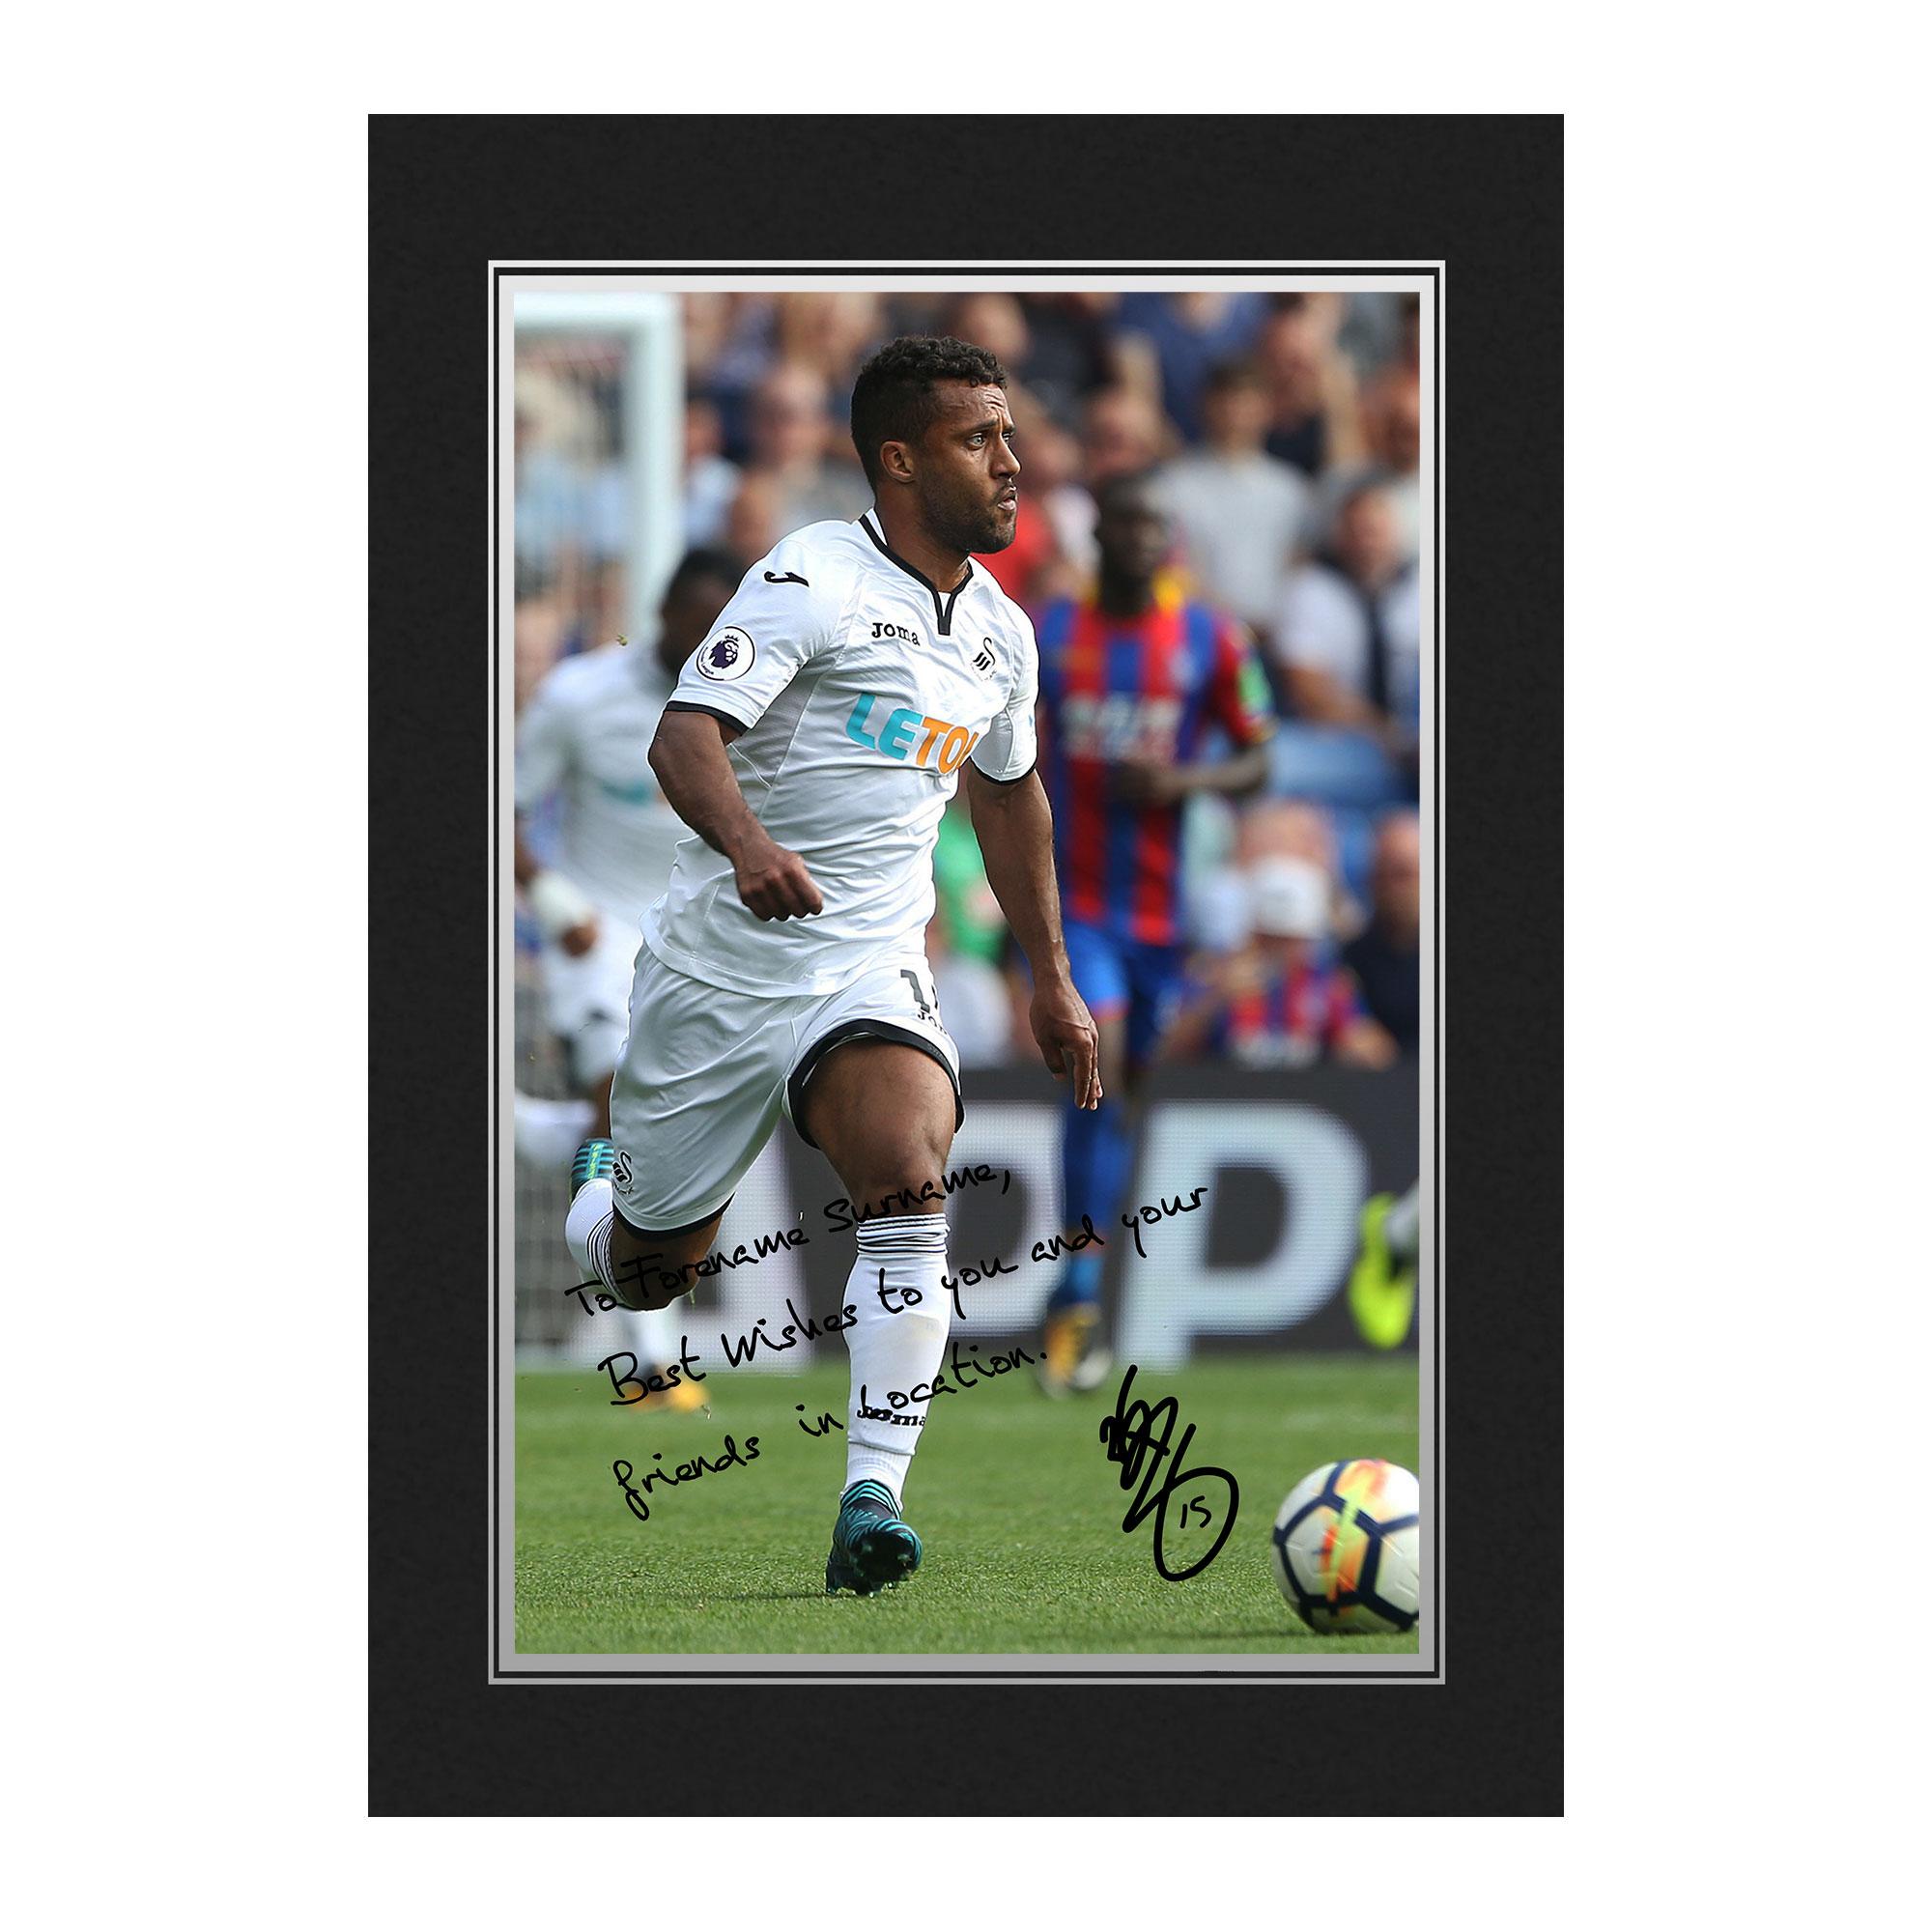 Swansea City AFC Routledge Autograph Photo Folder